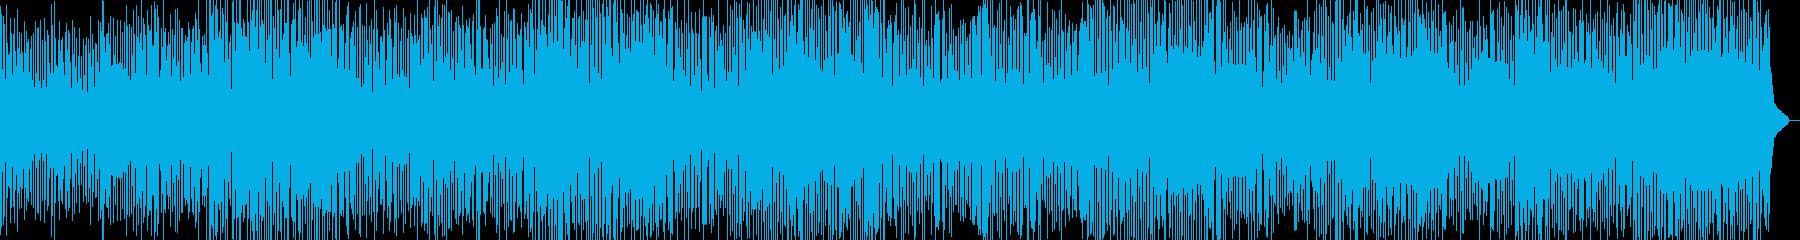 スリル感のあるアコースティックなファンクの再生済みの波形